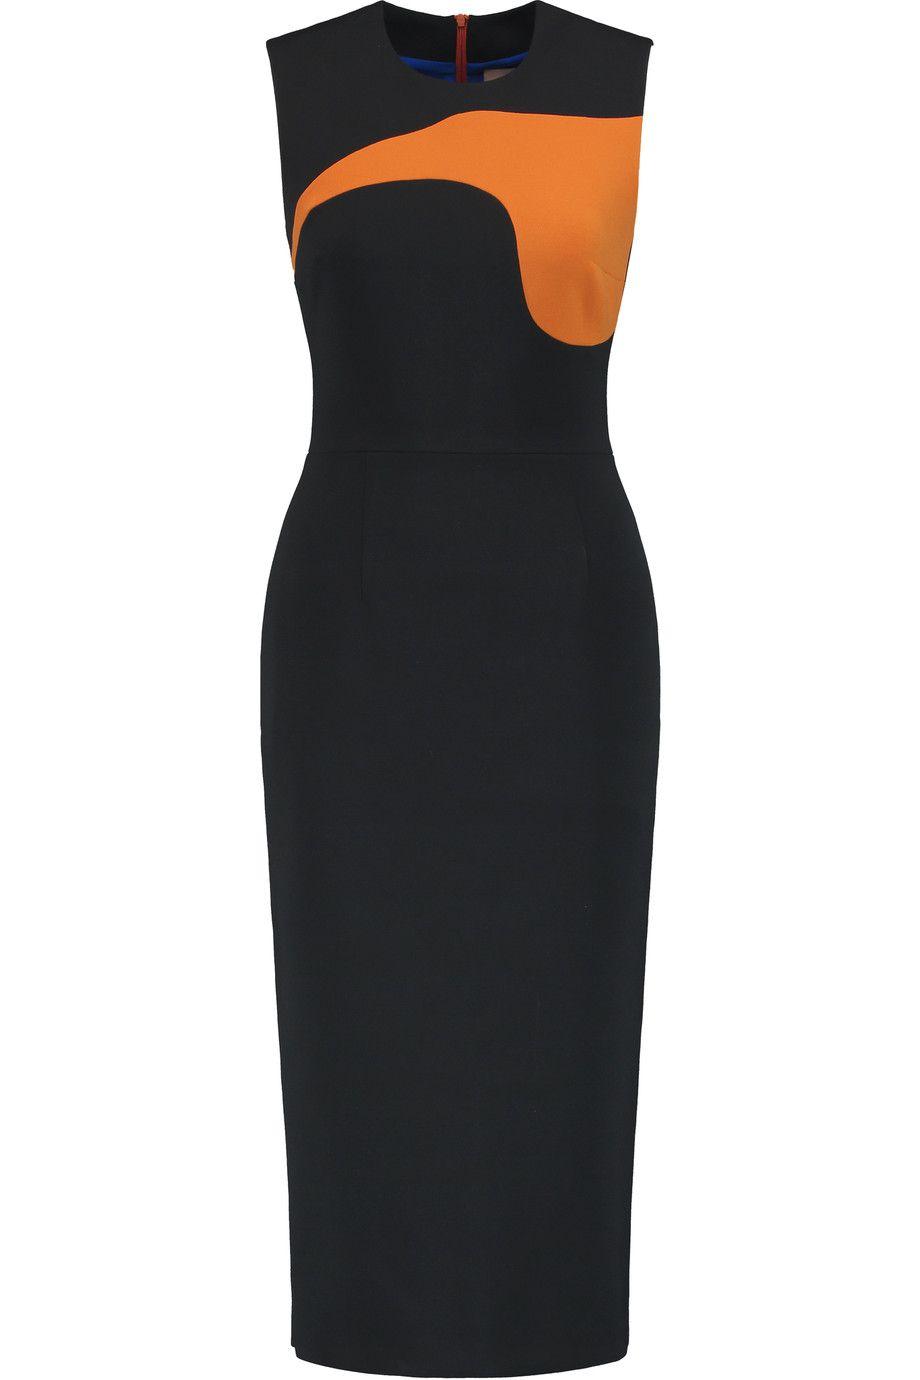 ROKSANDA Haussen Color-Block Crepe Dress. #roksanda #cloth #dress